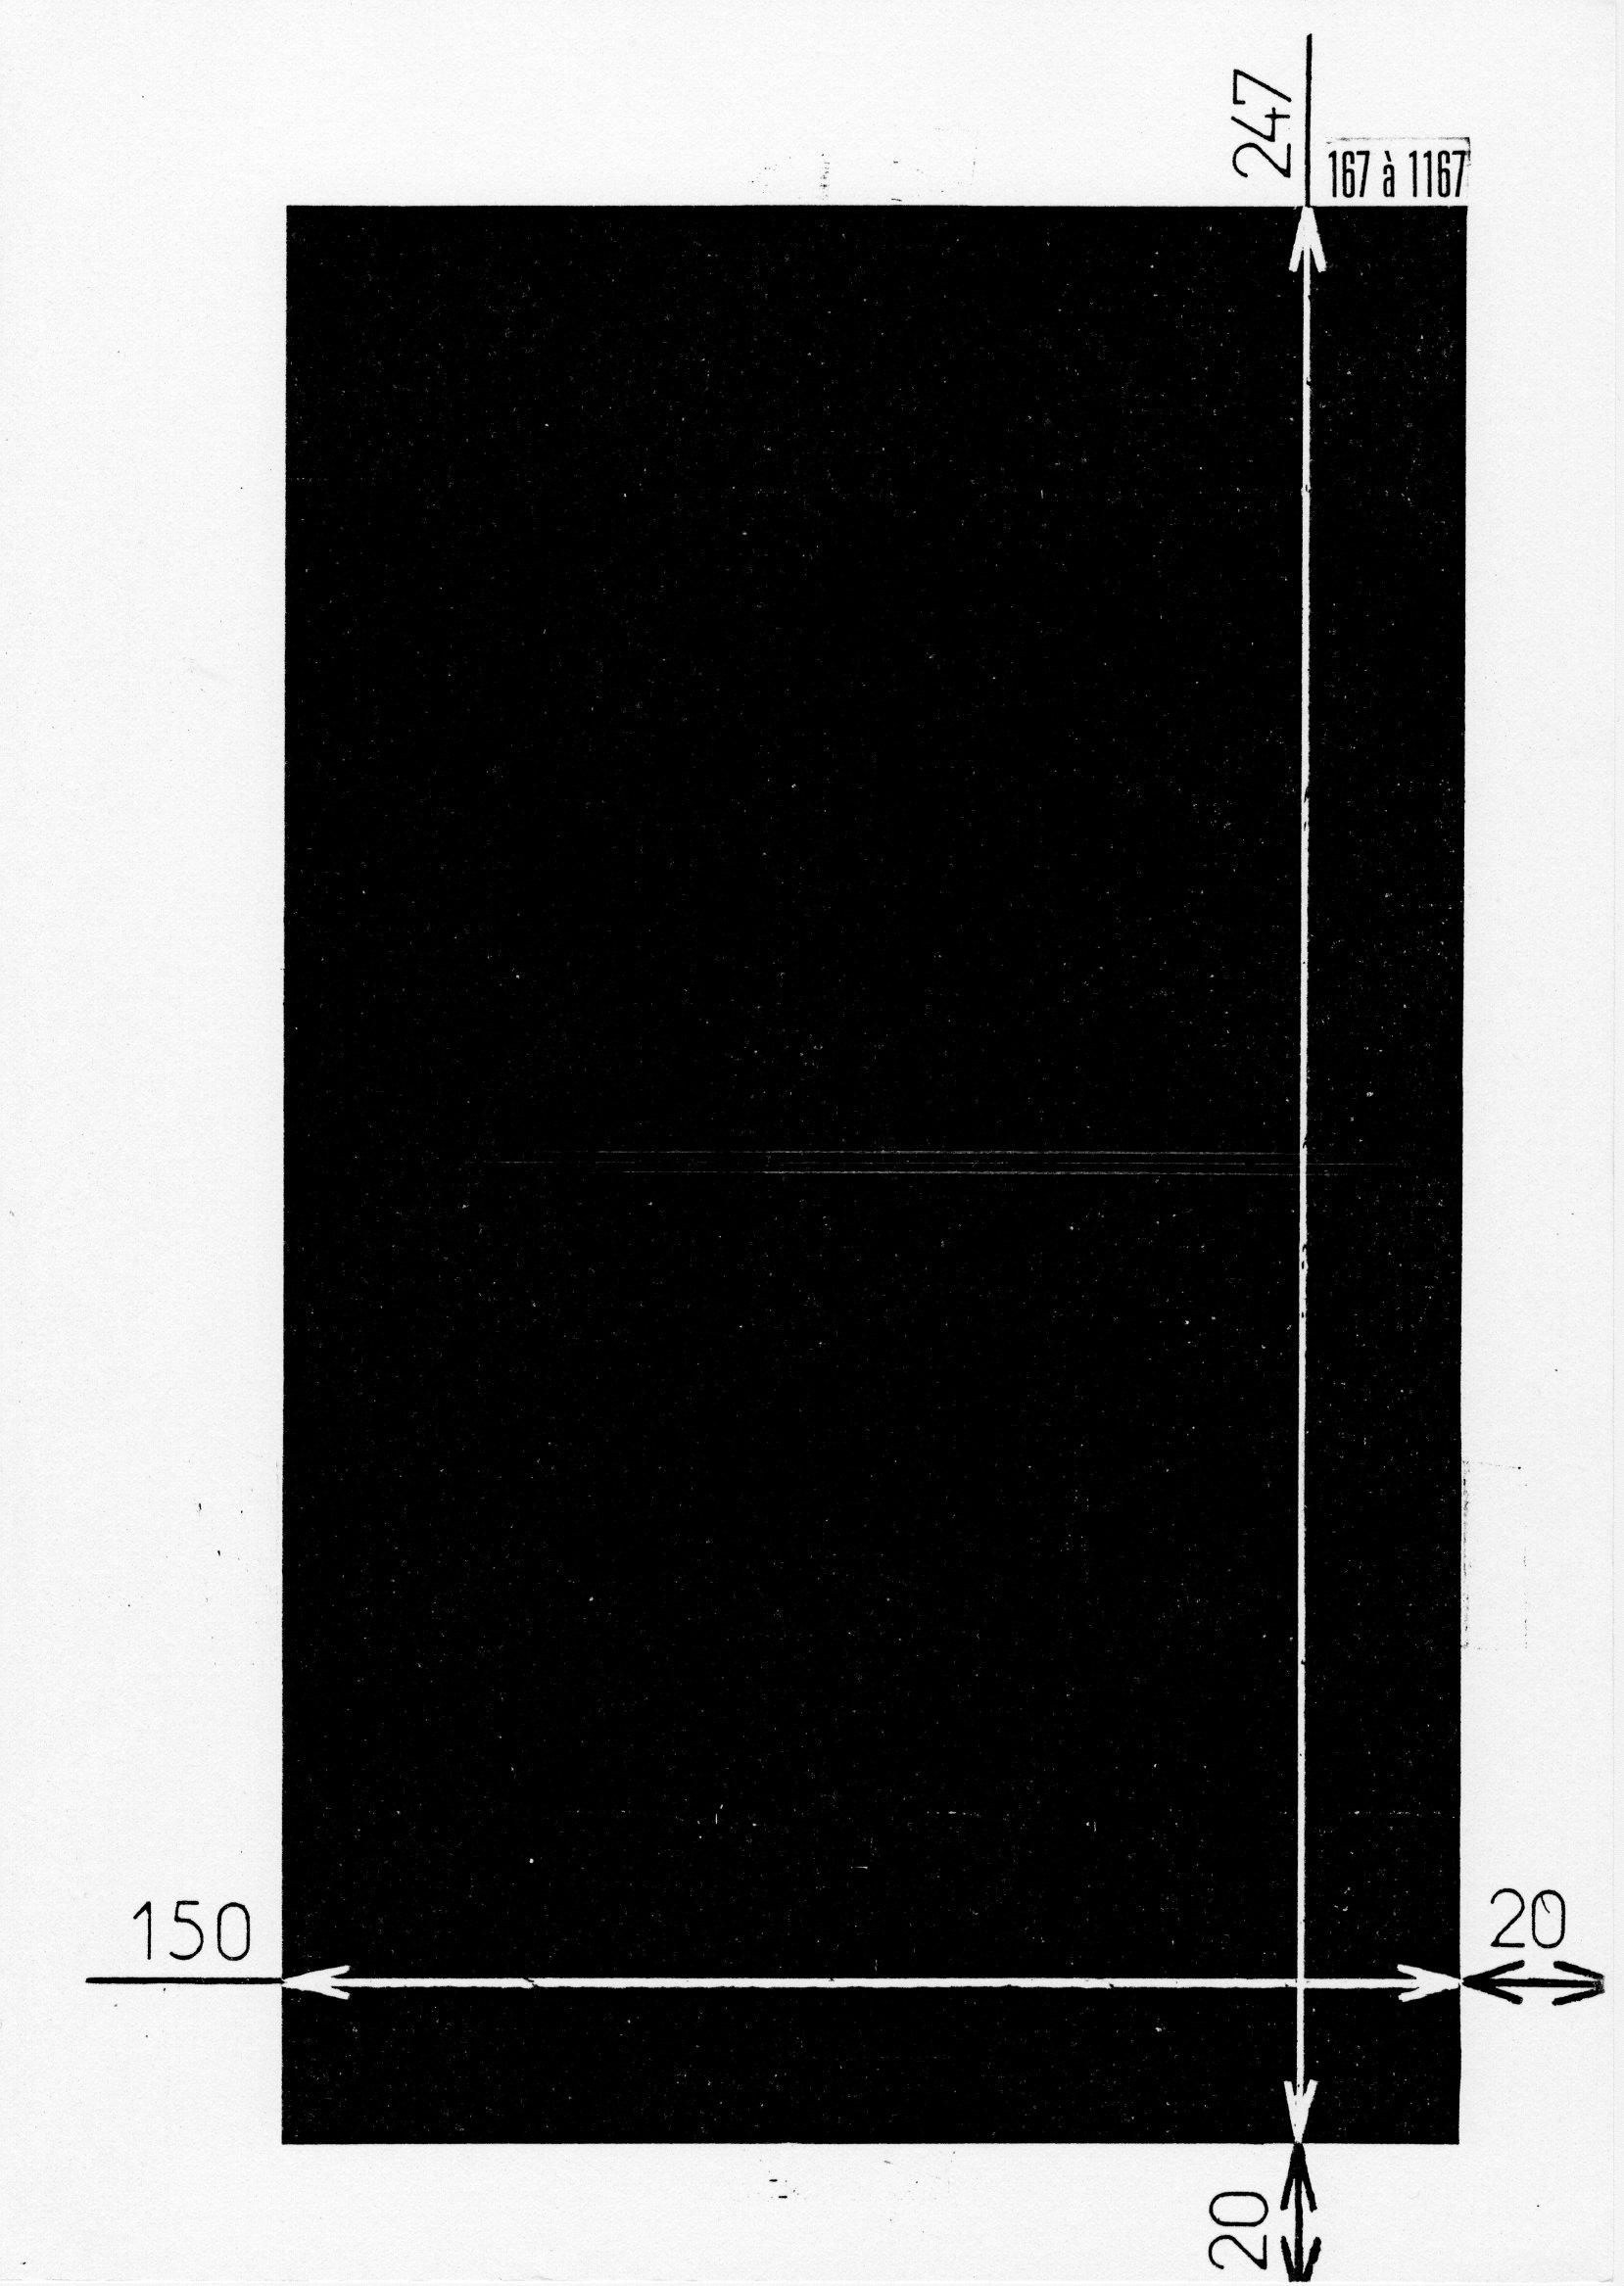 page 0167 à 1167 Y. Le Guen 1000